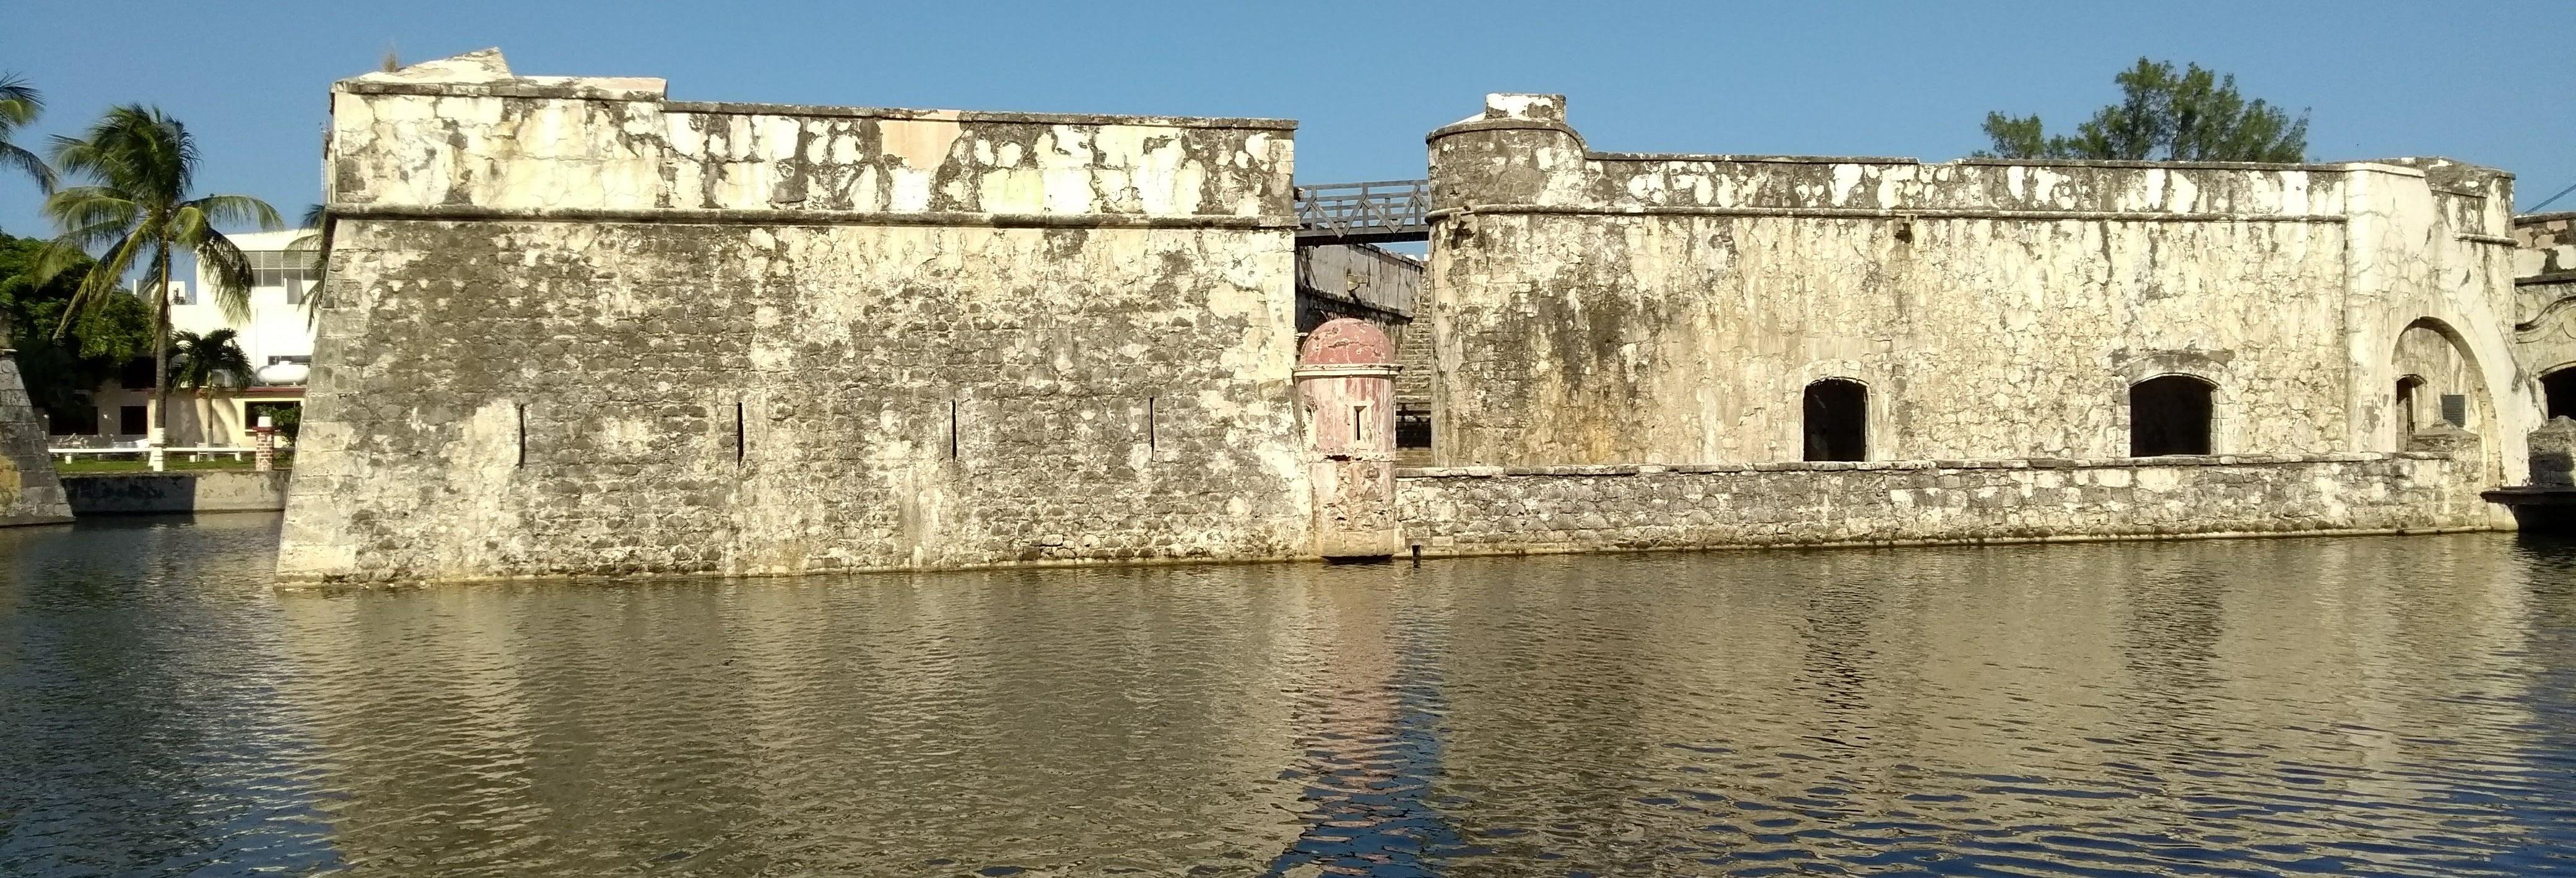 San Juan de Ulua Castle Tour